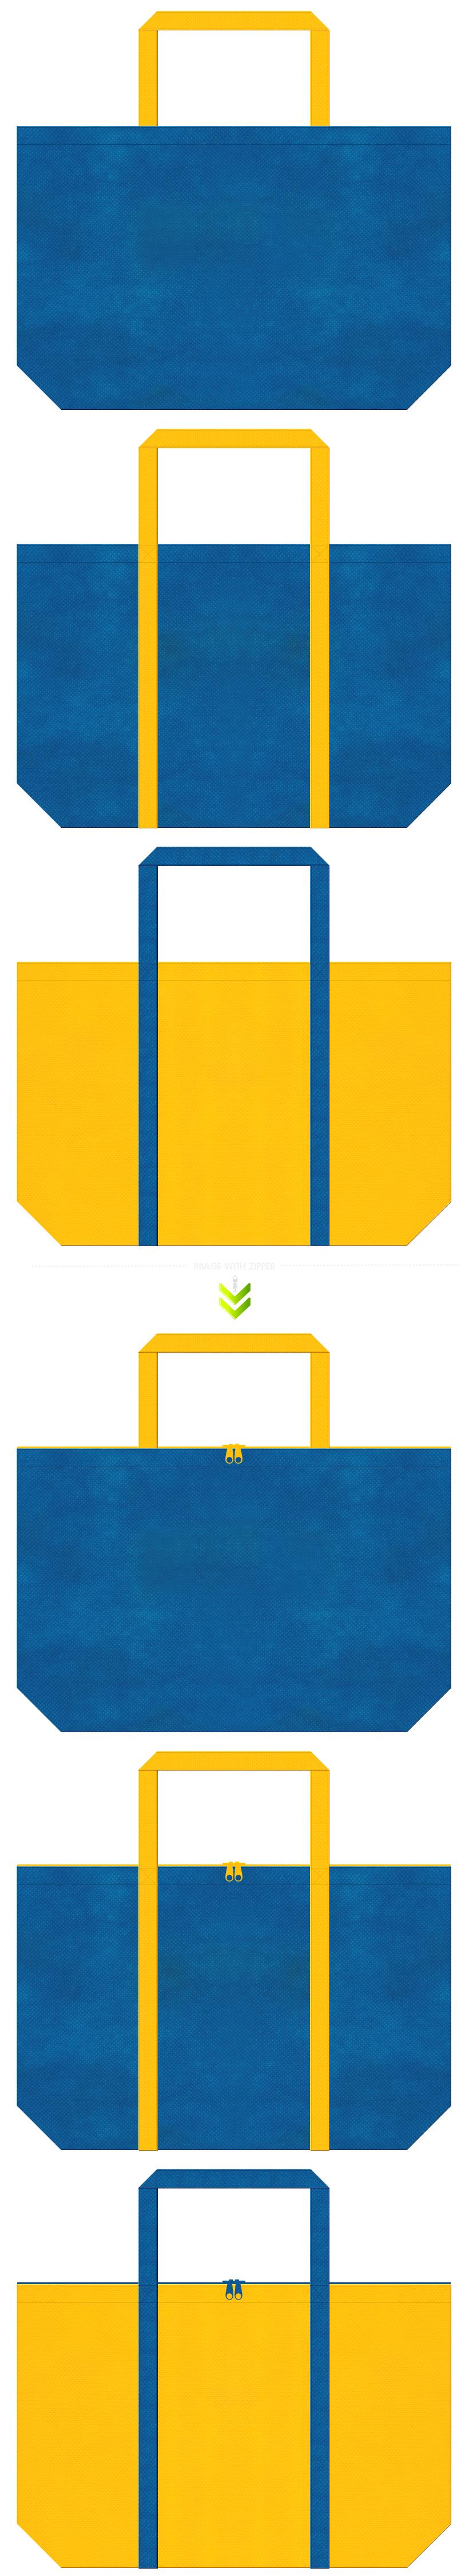 青色と黄色の不織布バッグデザイン。遊園地・テーマパーク・おもちゃのショッピングバッグにお奨めです。